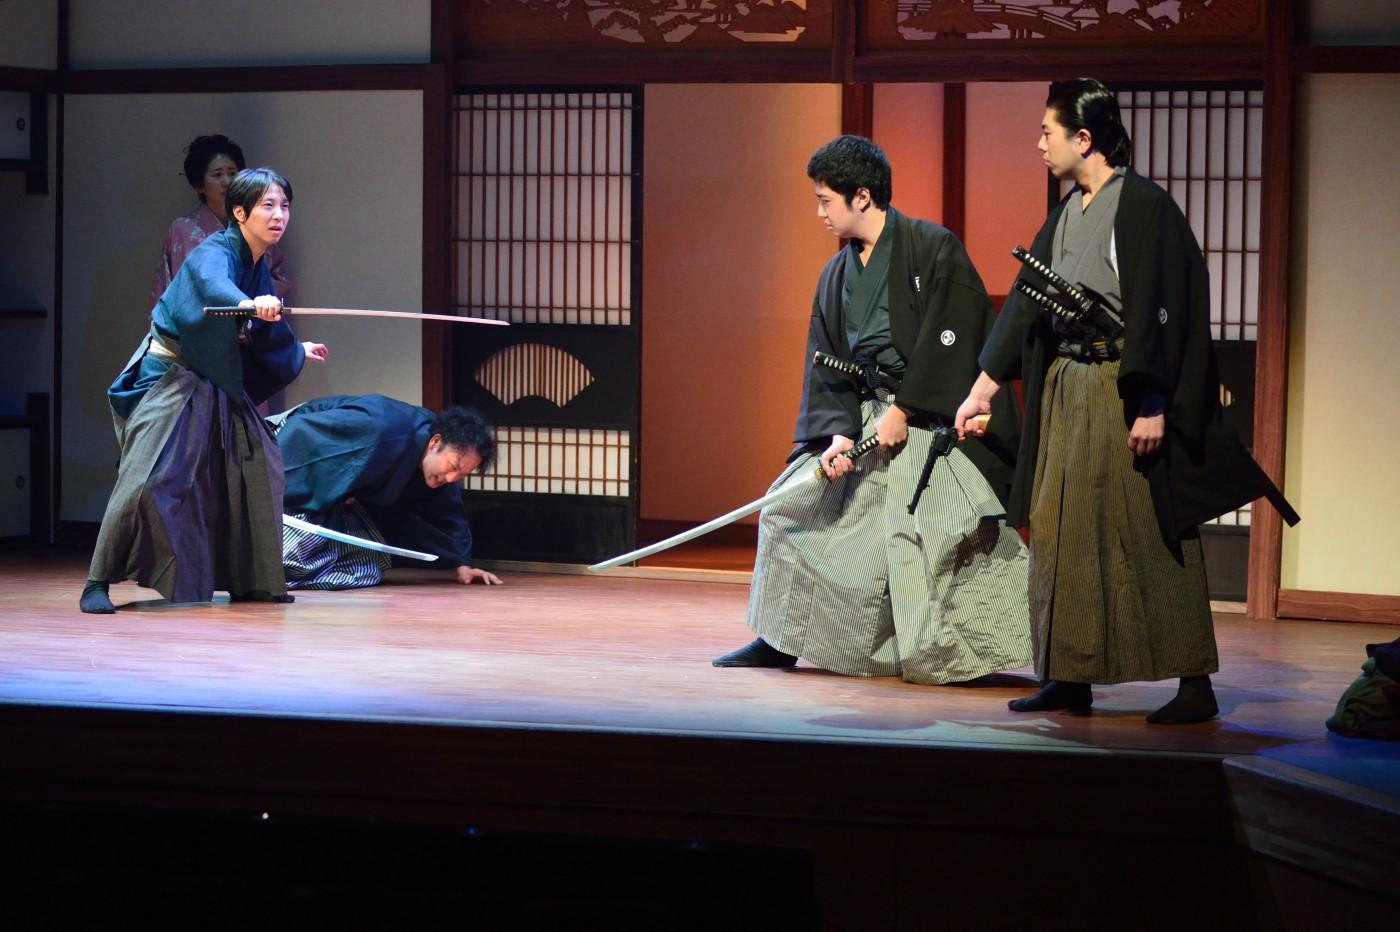 劇団はちのす第24回公演「同盟破棄」作:加藤 正志